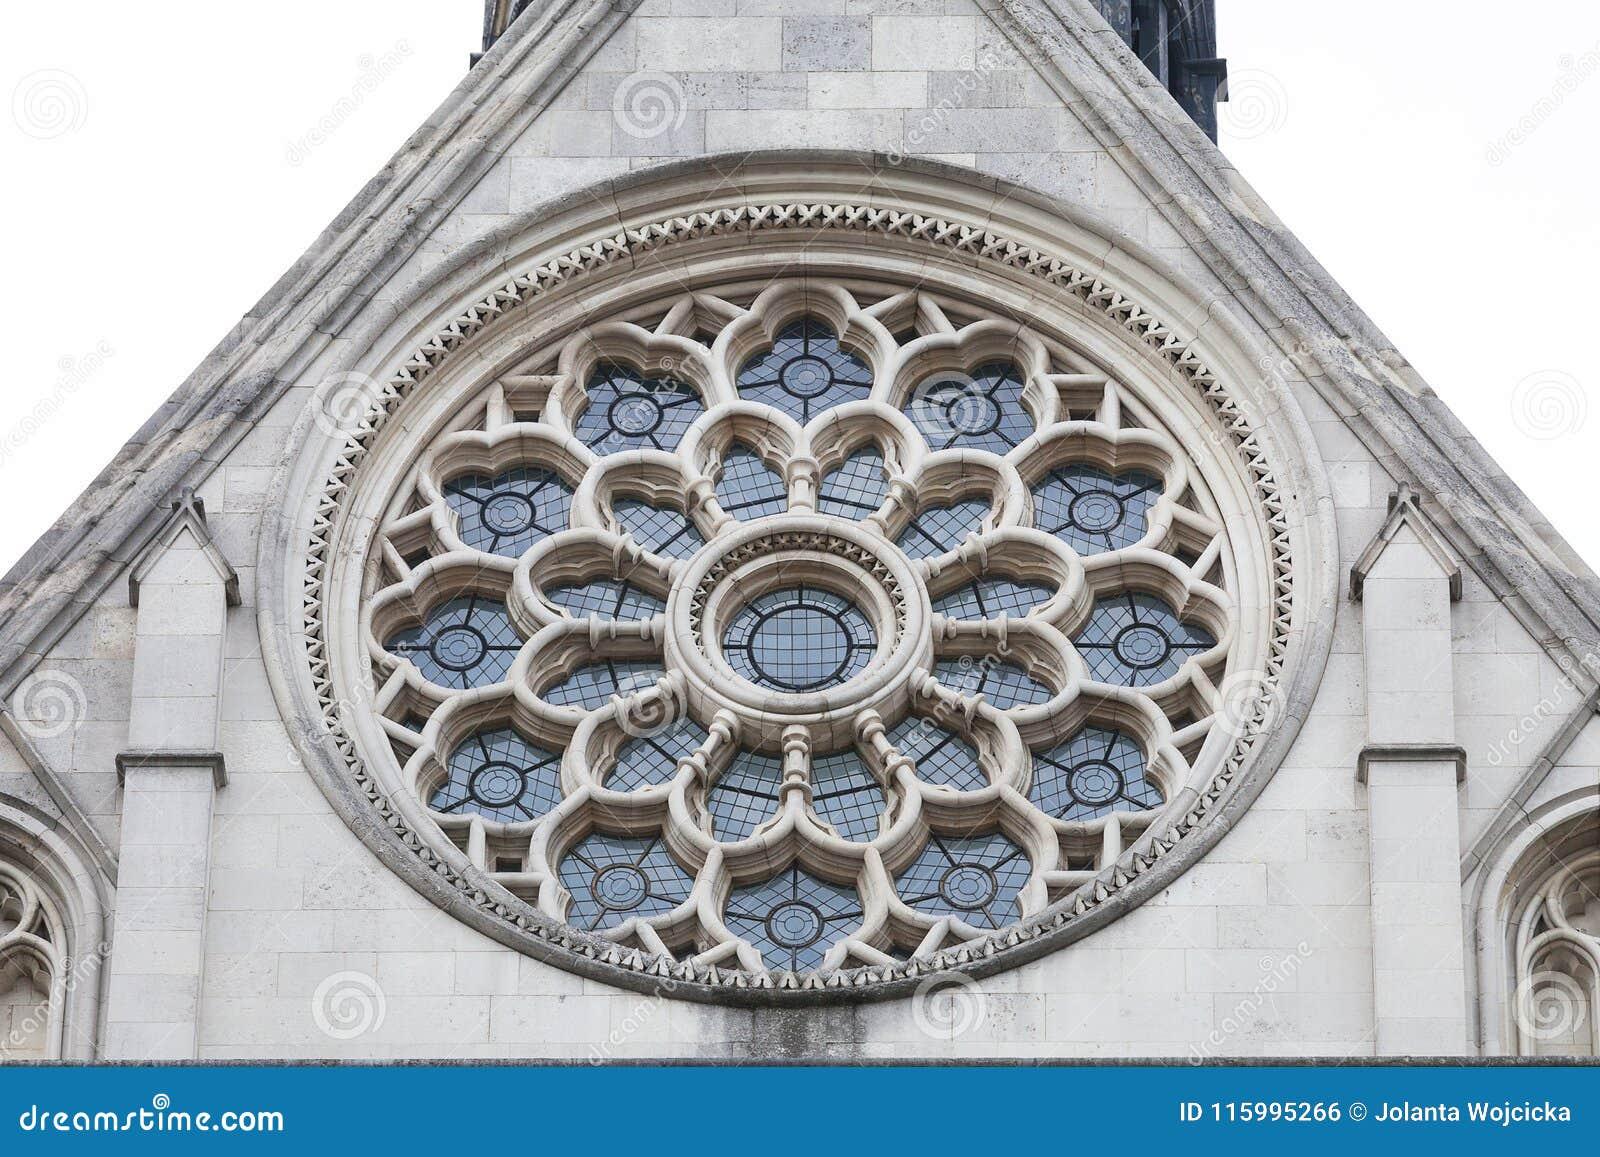 Corte Di Giustizia Reale Costruzione Gotica Di Stile Finestra Rosa